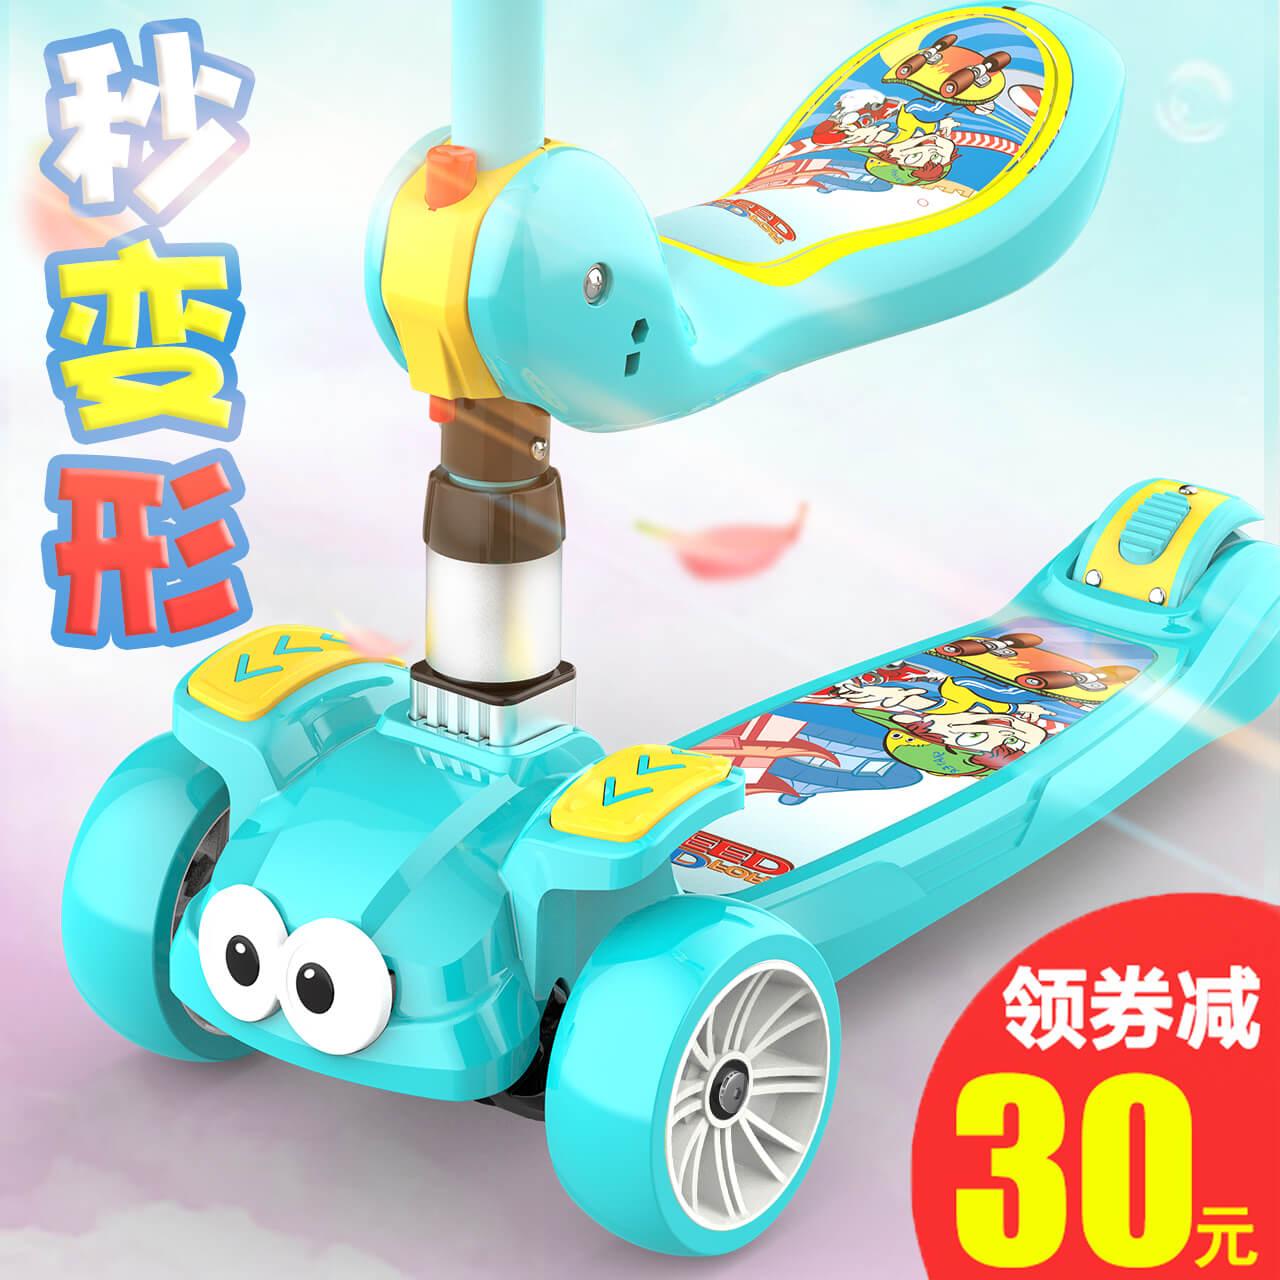 满177元可用5元优惠券多功能三合一儿童1-3岁6滑板车